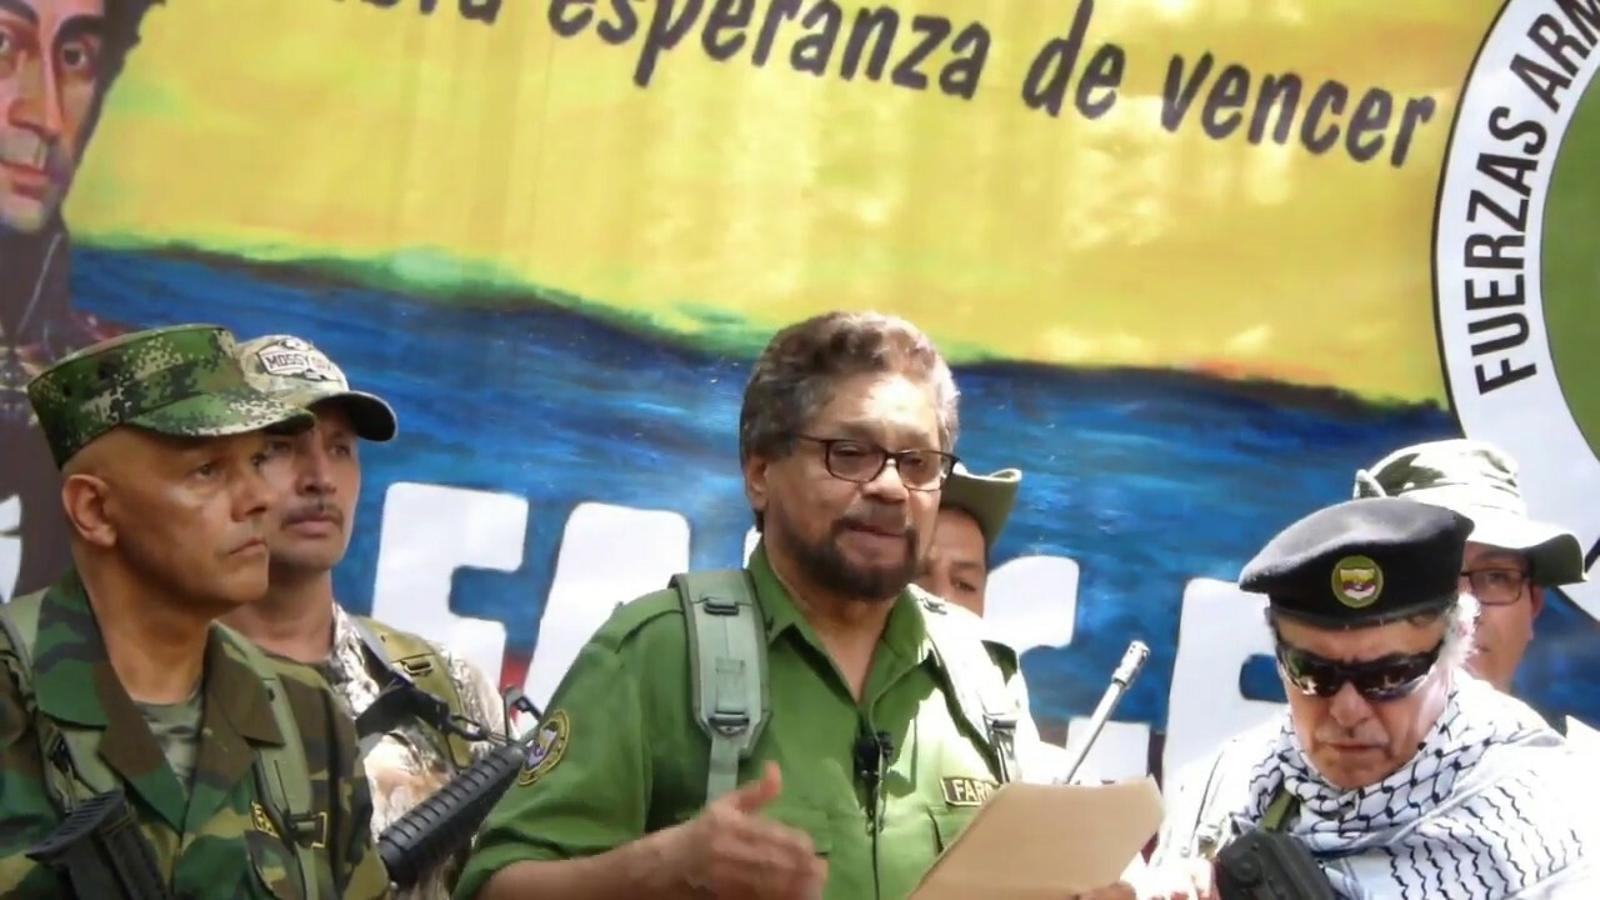 Iván Márquez, ex número dos de les FARC anunciant la seva represa de les armes